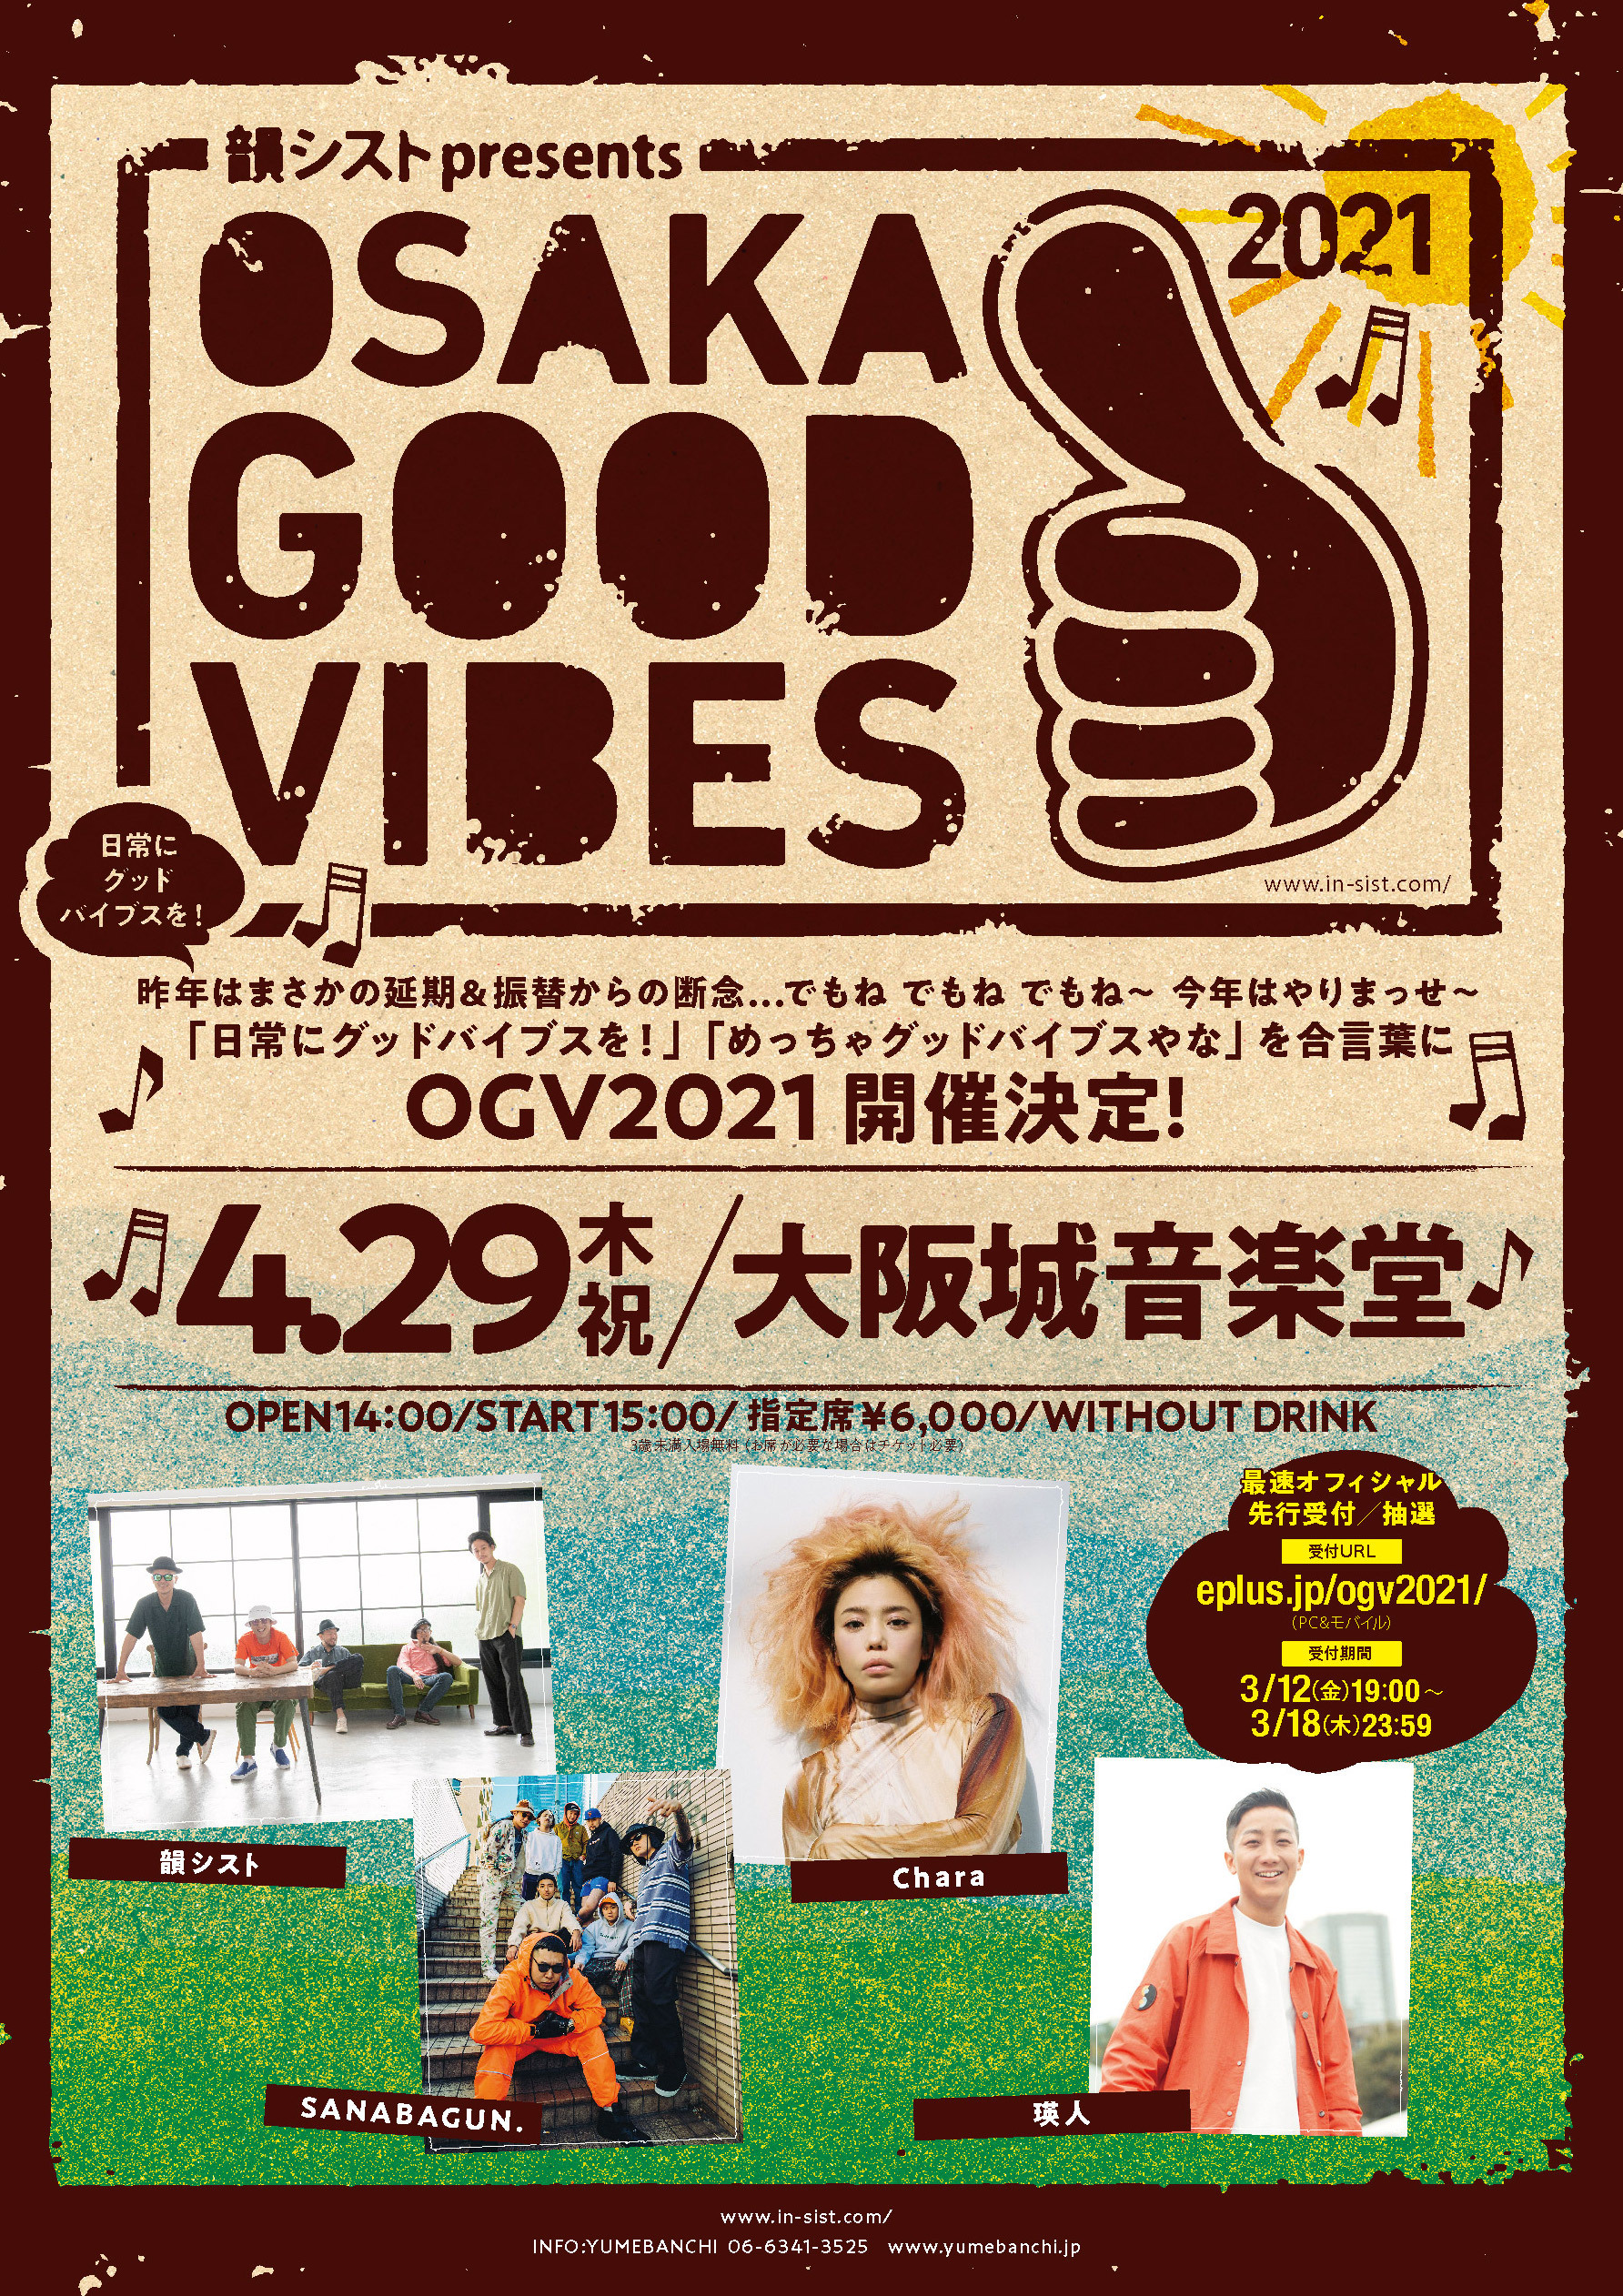 韻シストpresentsOSAKA GOOD VIBES 2021